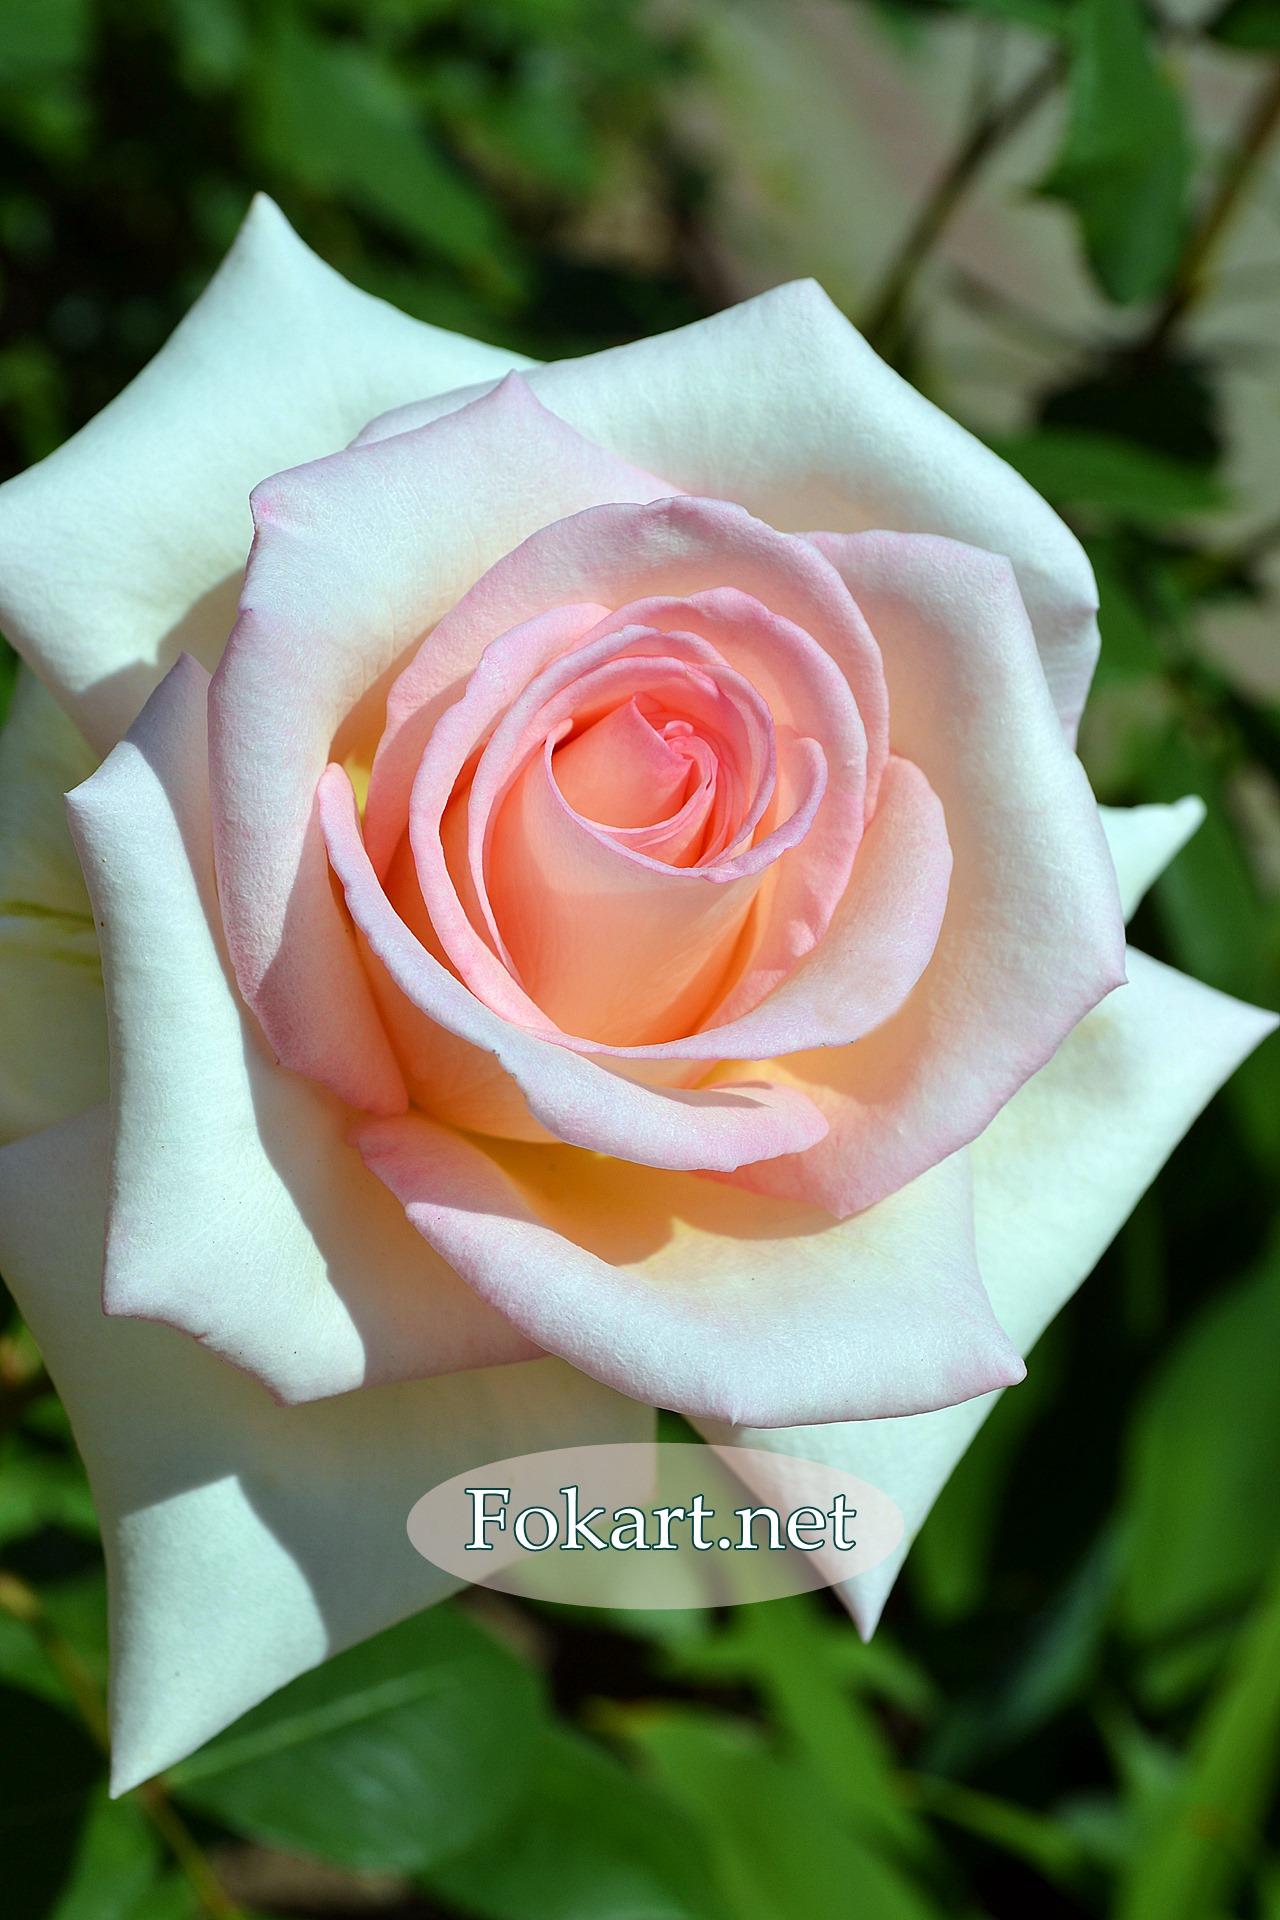 Очень красивая нежная роза, в серединке - светло-розовая